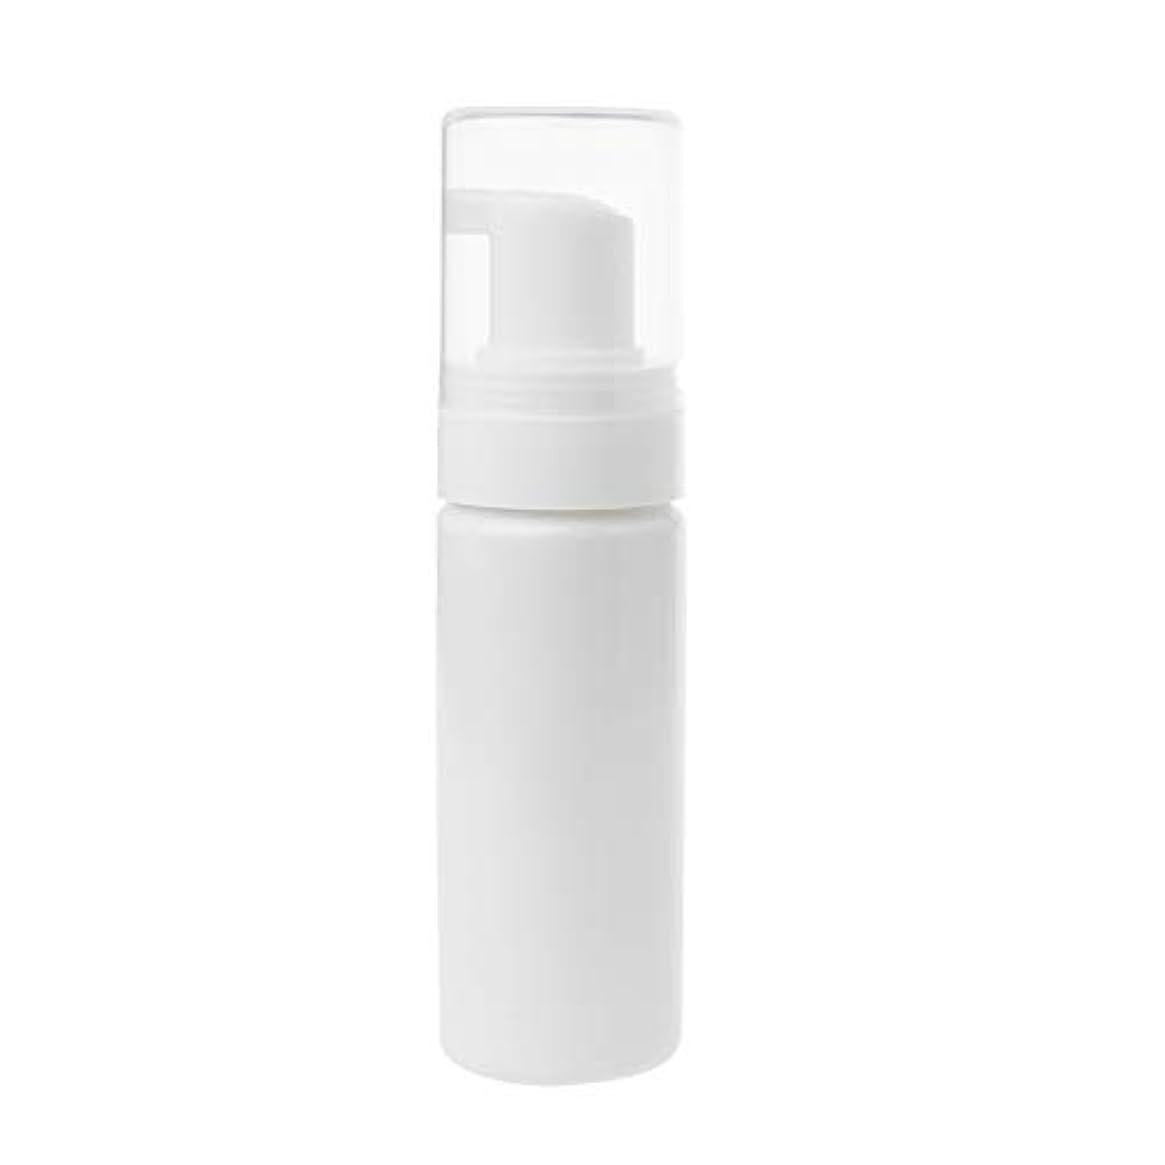 福祉弁護士限りTOOGOO 1個50ml キャップ付き発泡ボトル泡ポンプせっけんムース液体ディスペンサー泡ボトルプラスチックシャンプーローションボトル(ホワイト)